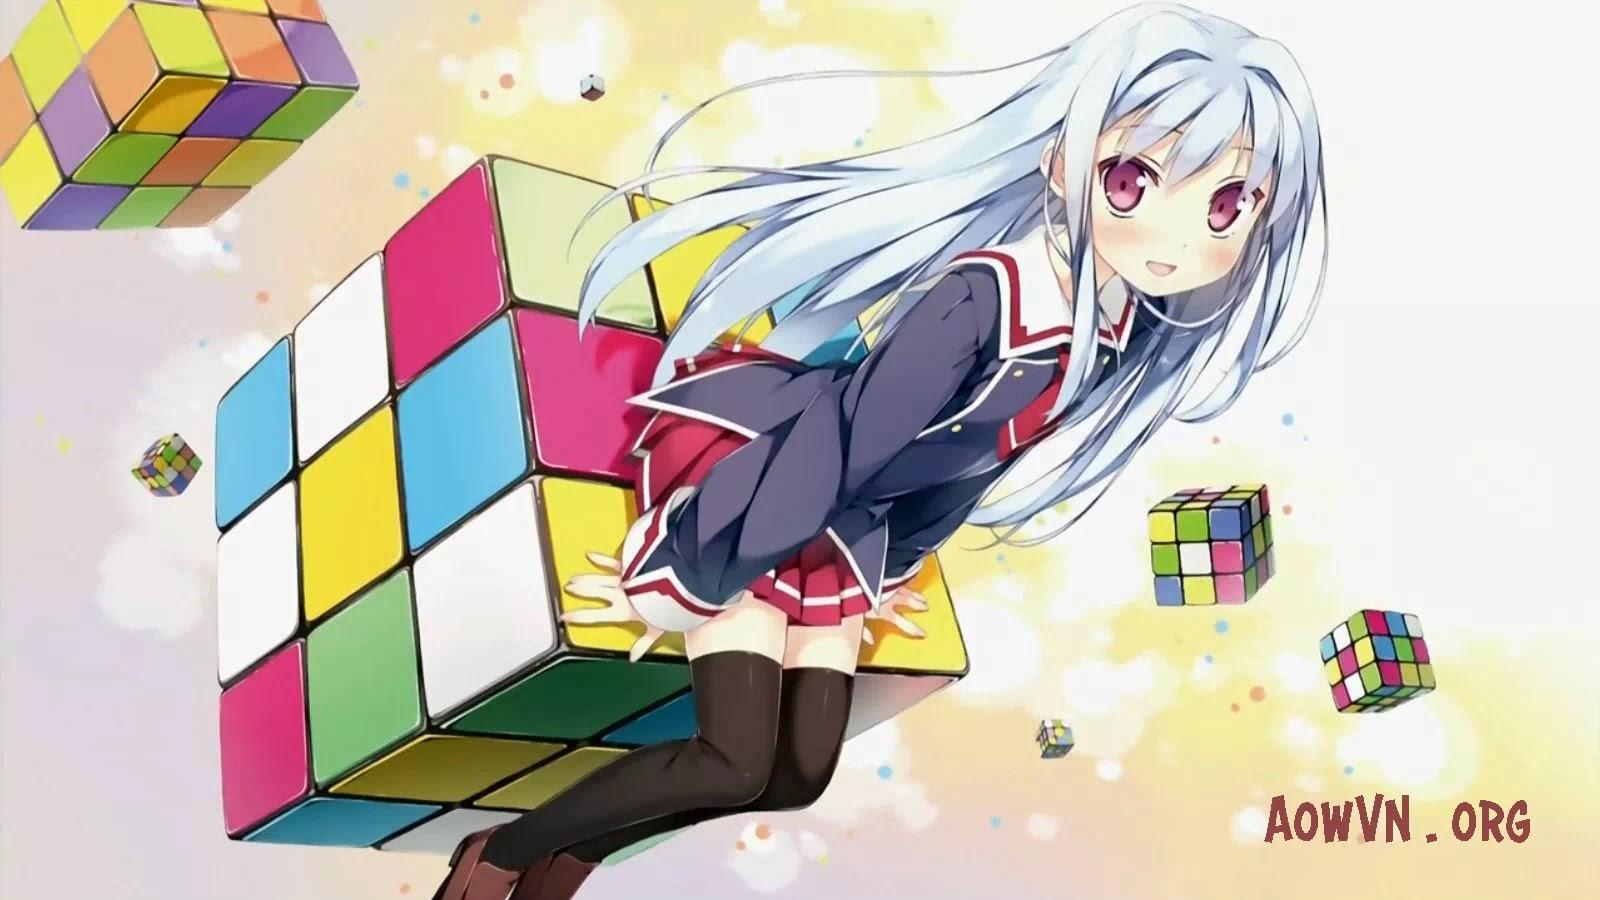 AowVN.org minz%2B%25285%2529 - [ Anime 3gp Mp4 ] C3 - Cube x Cursed x Curious | Vietsub - Loli Ecchi